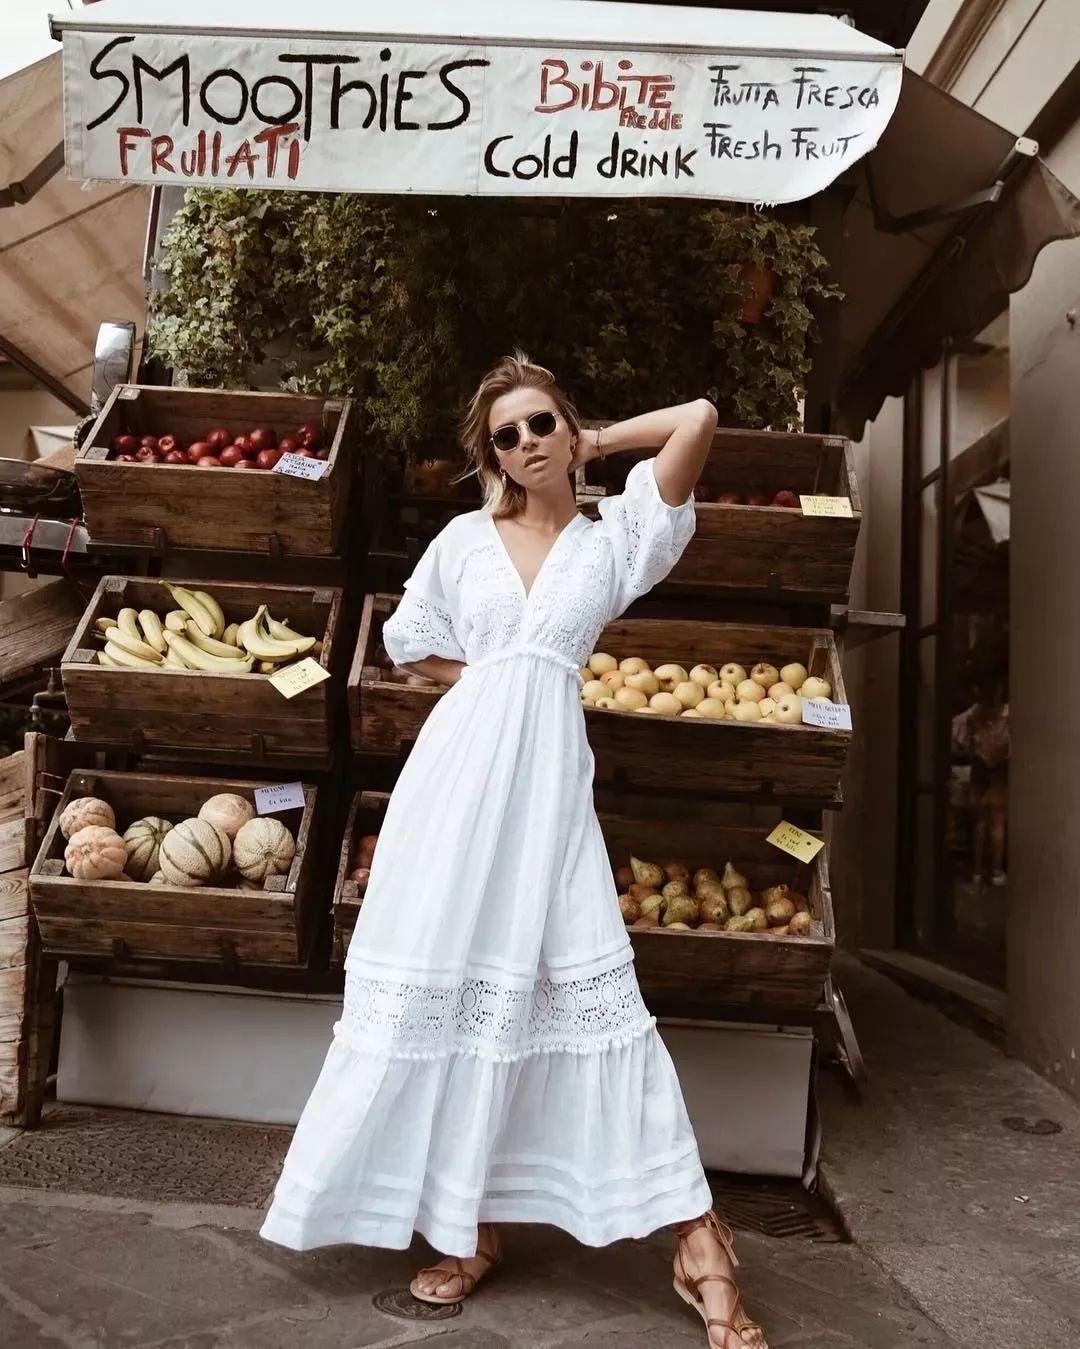 罗马女人嫩穴_有罗马风情的绑带凉鞋很适合度假, 搭配飘逸的长裙, 富有女人味的同时